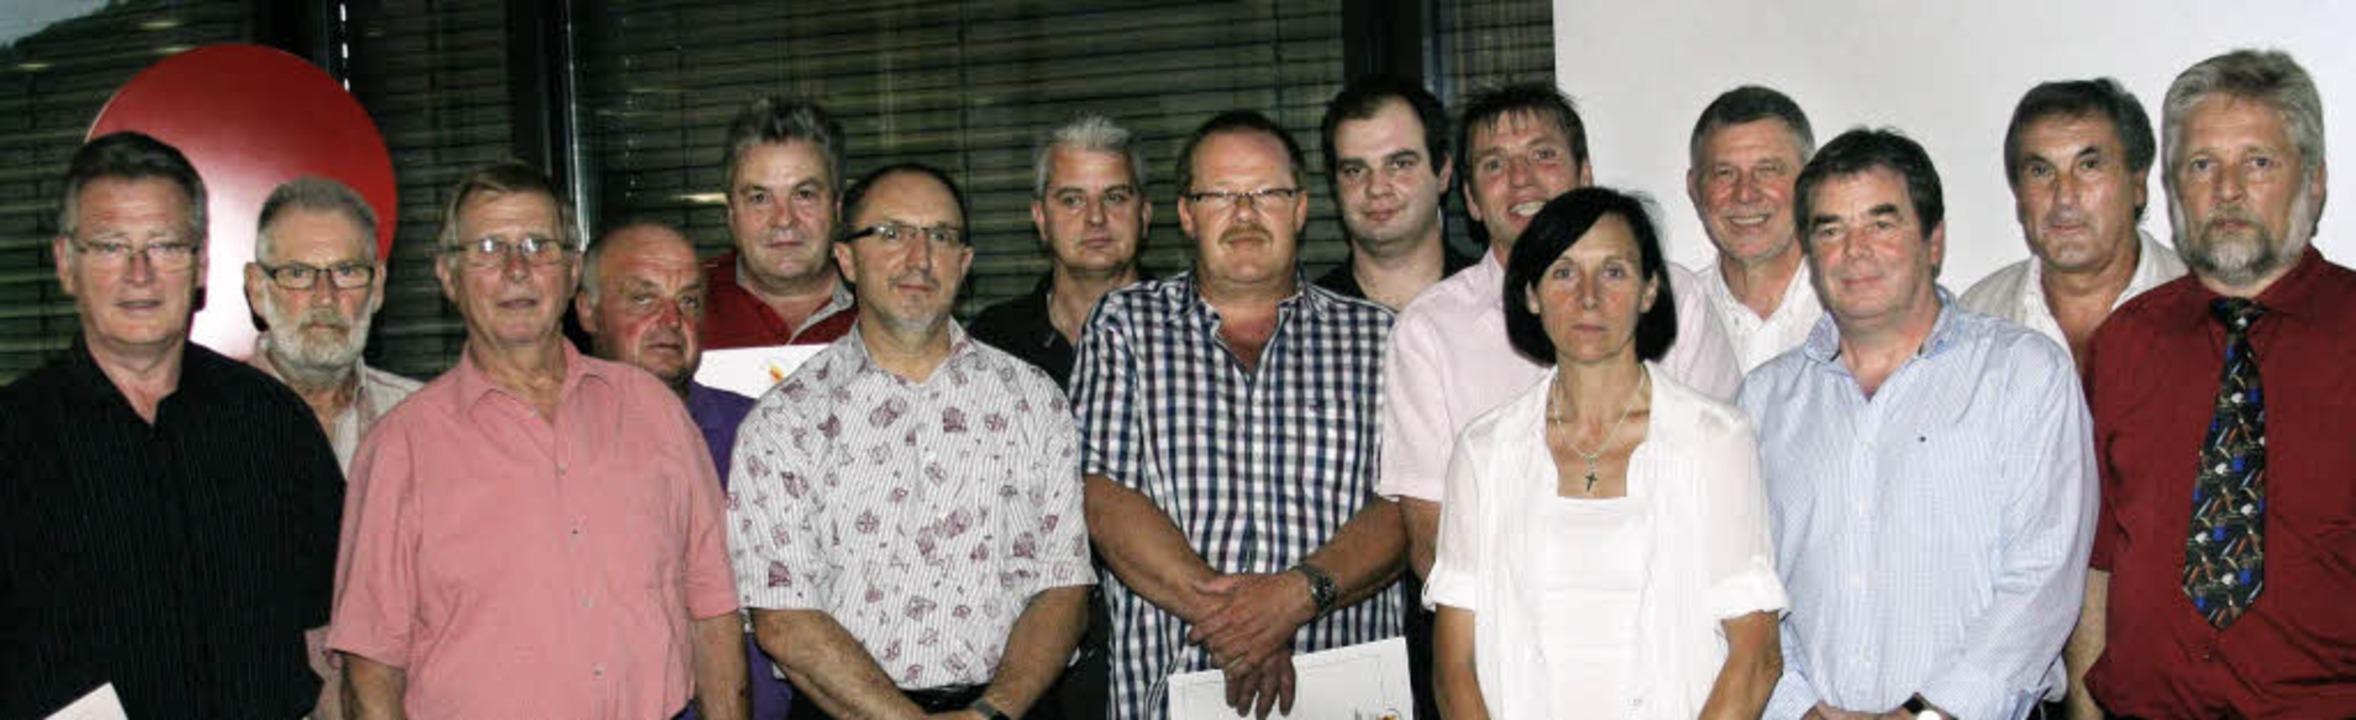 Beim Ehrenamtstag wurden Heinz Intveen...bereis, Bruno Müller und Werner Bolte.  | Foto: matthias scheibengruber